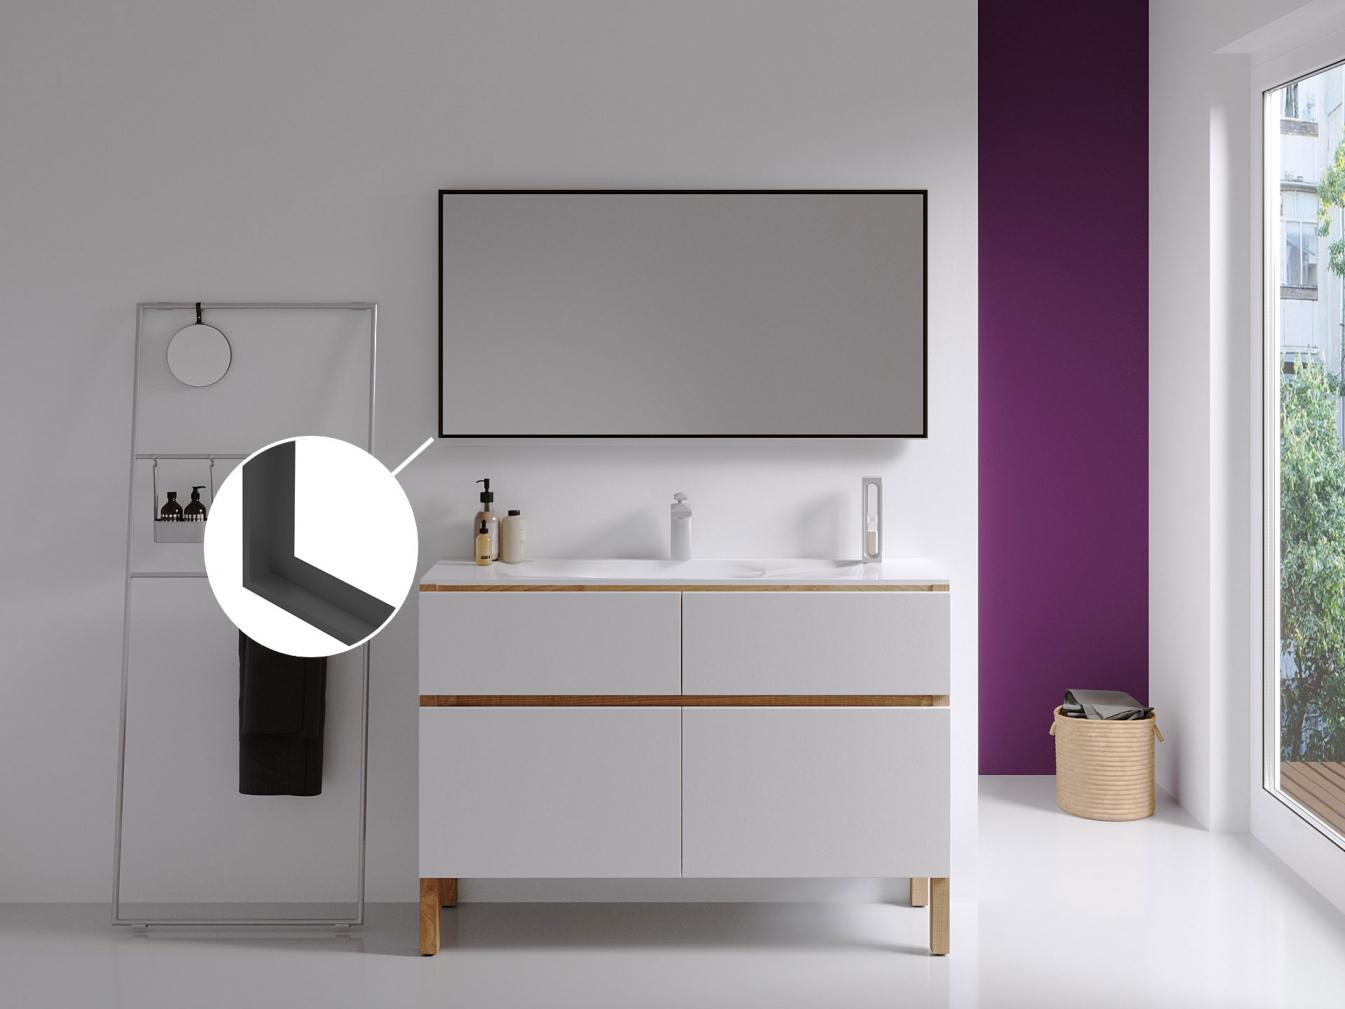 Badspiegel mit Rahmen schwarz 3cm